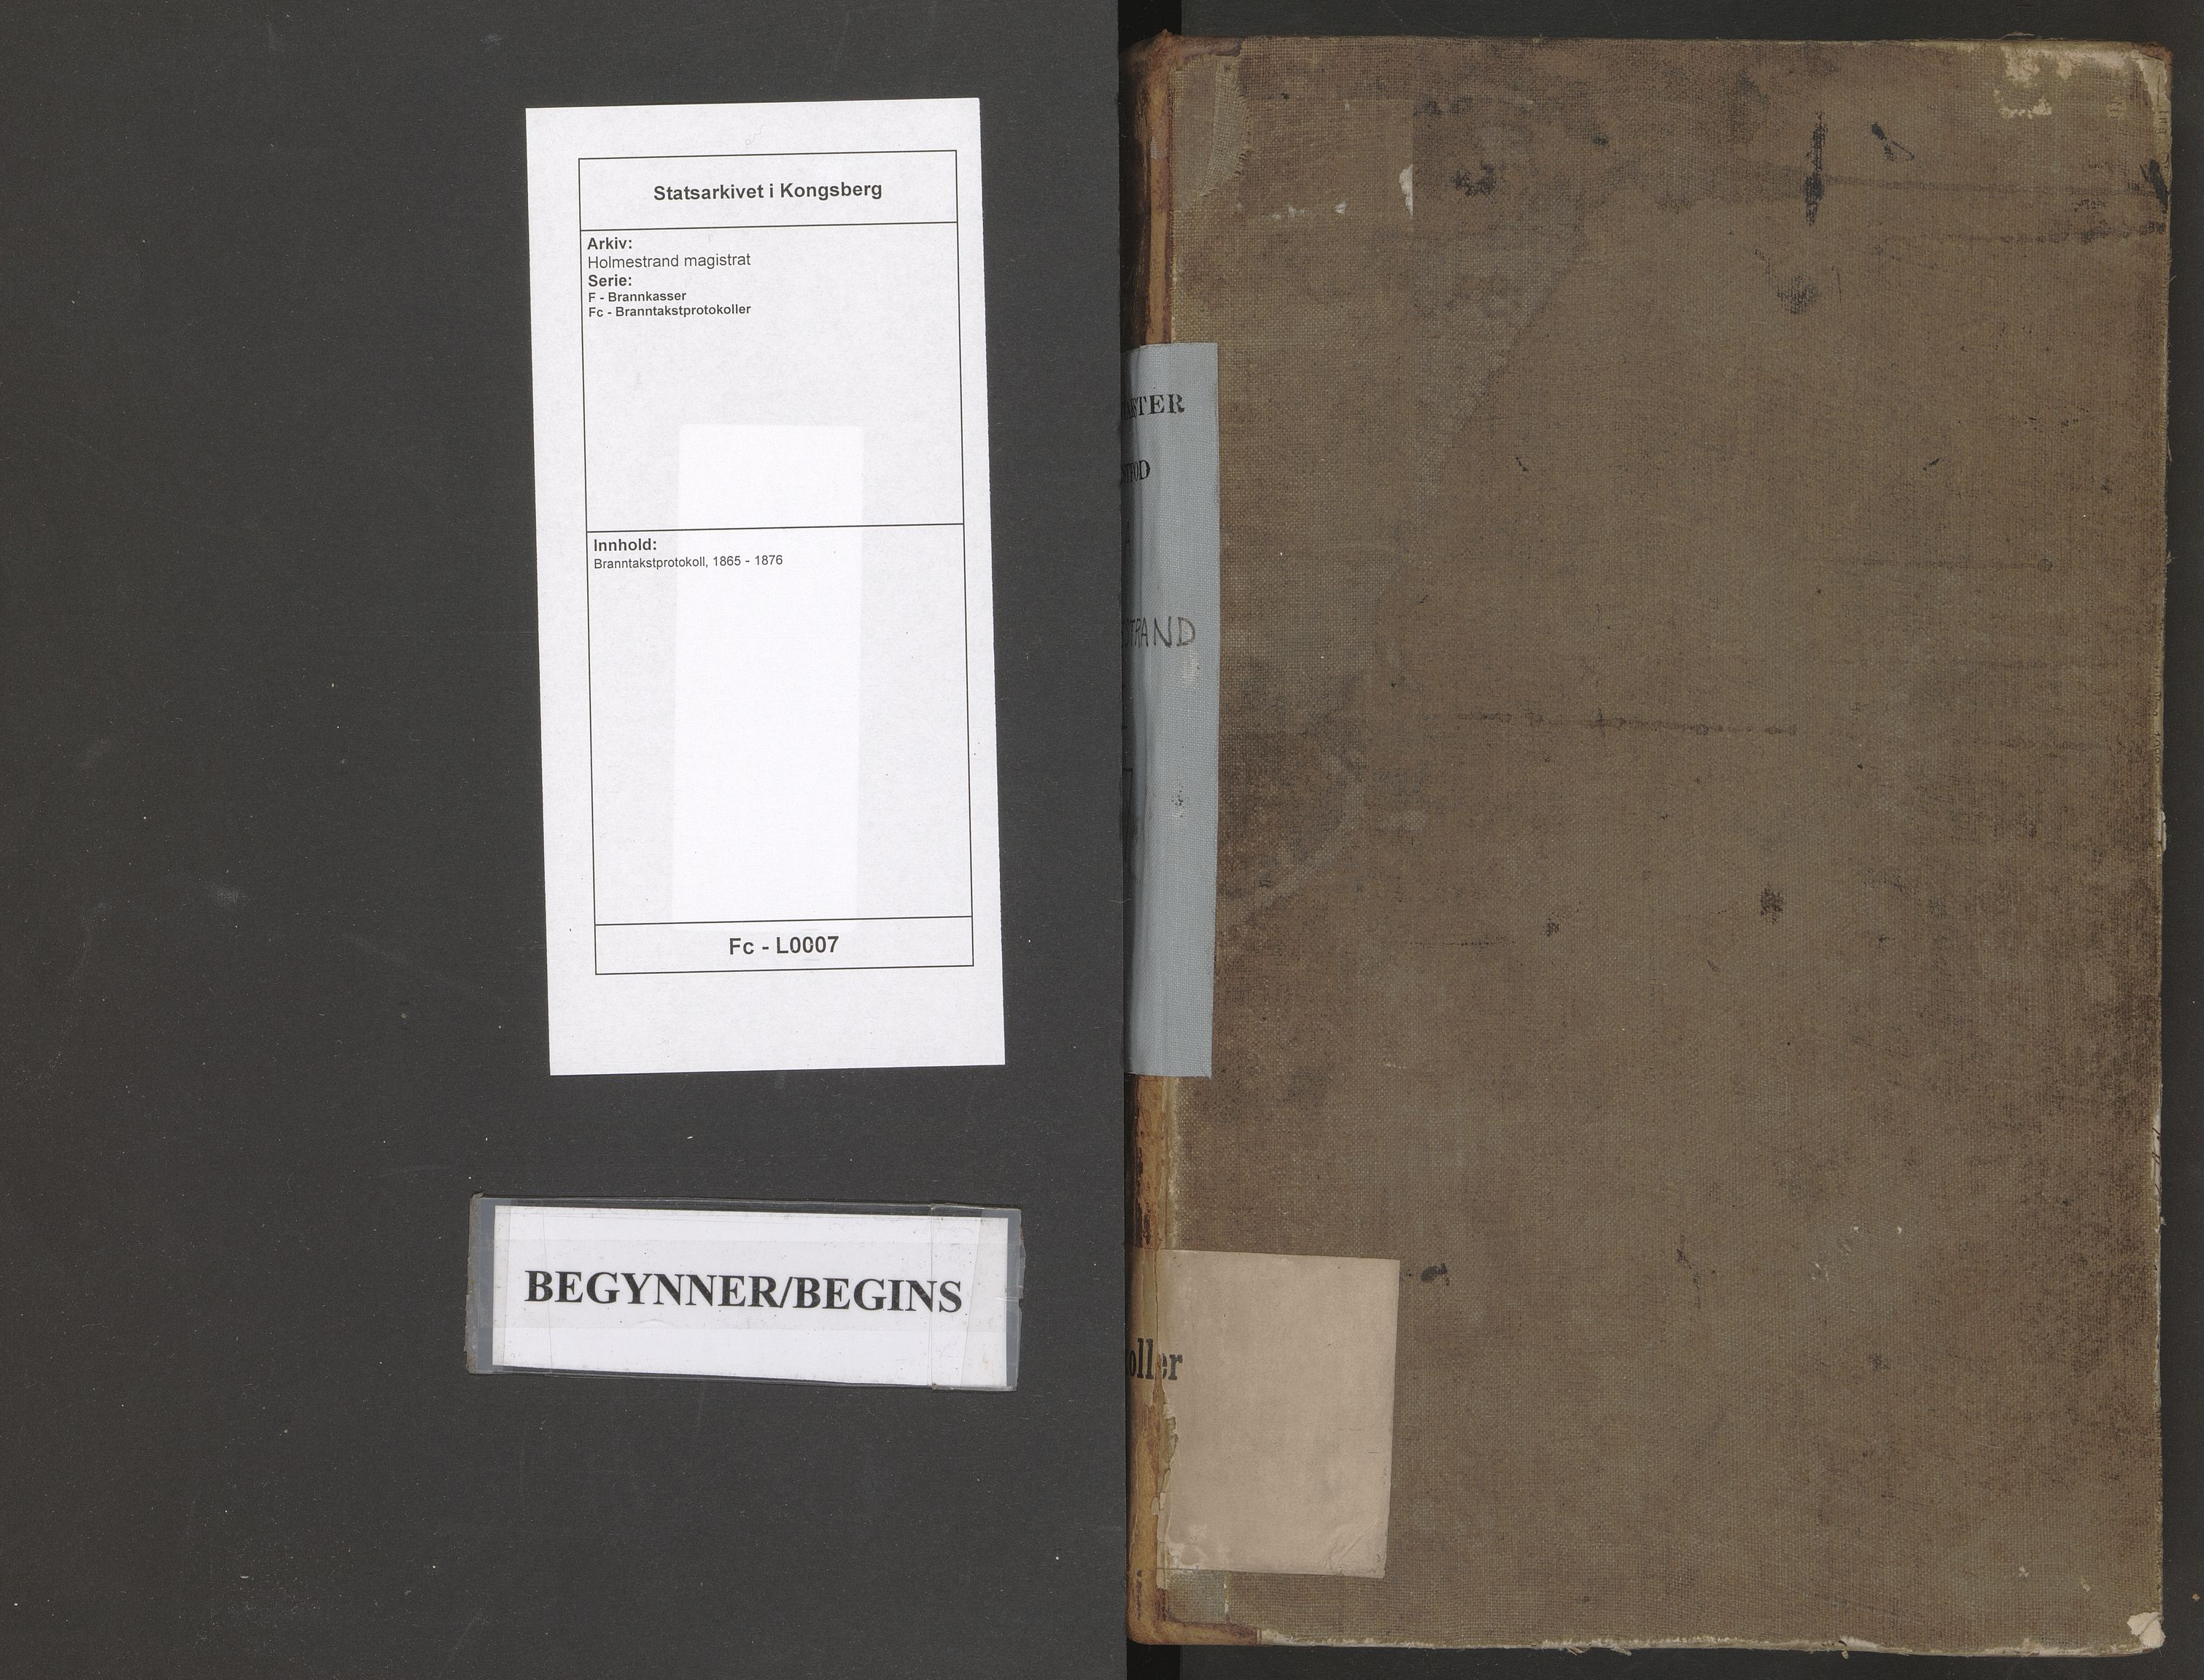 SAKO, Holmestrand magistrat, F/Fc/L0007: Branntakstprotokoll, 1865-1876